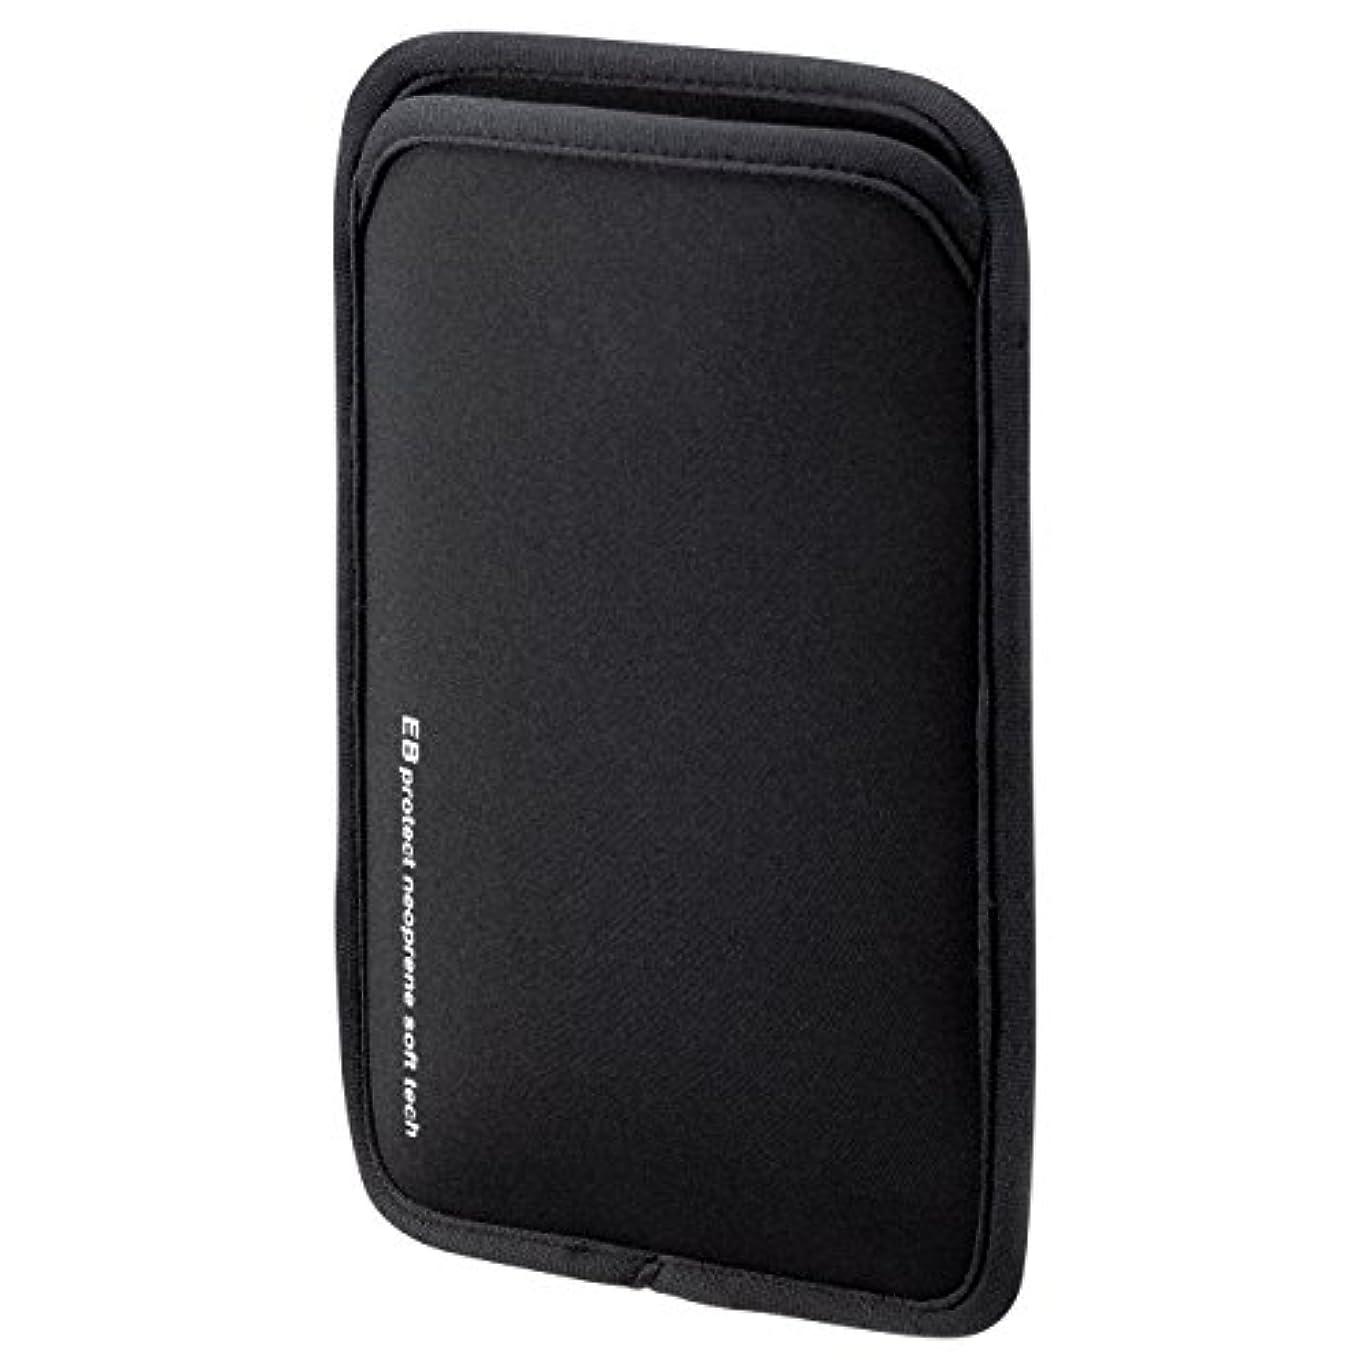 頑丈発言するファイナンスサンワサプライ タブレットスリップインケース PDA-TABS7